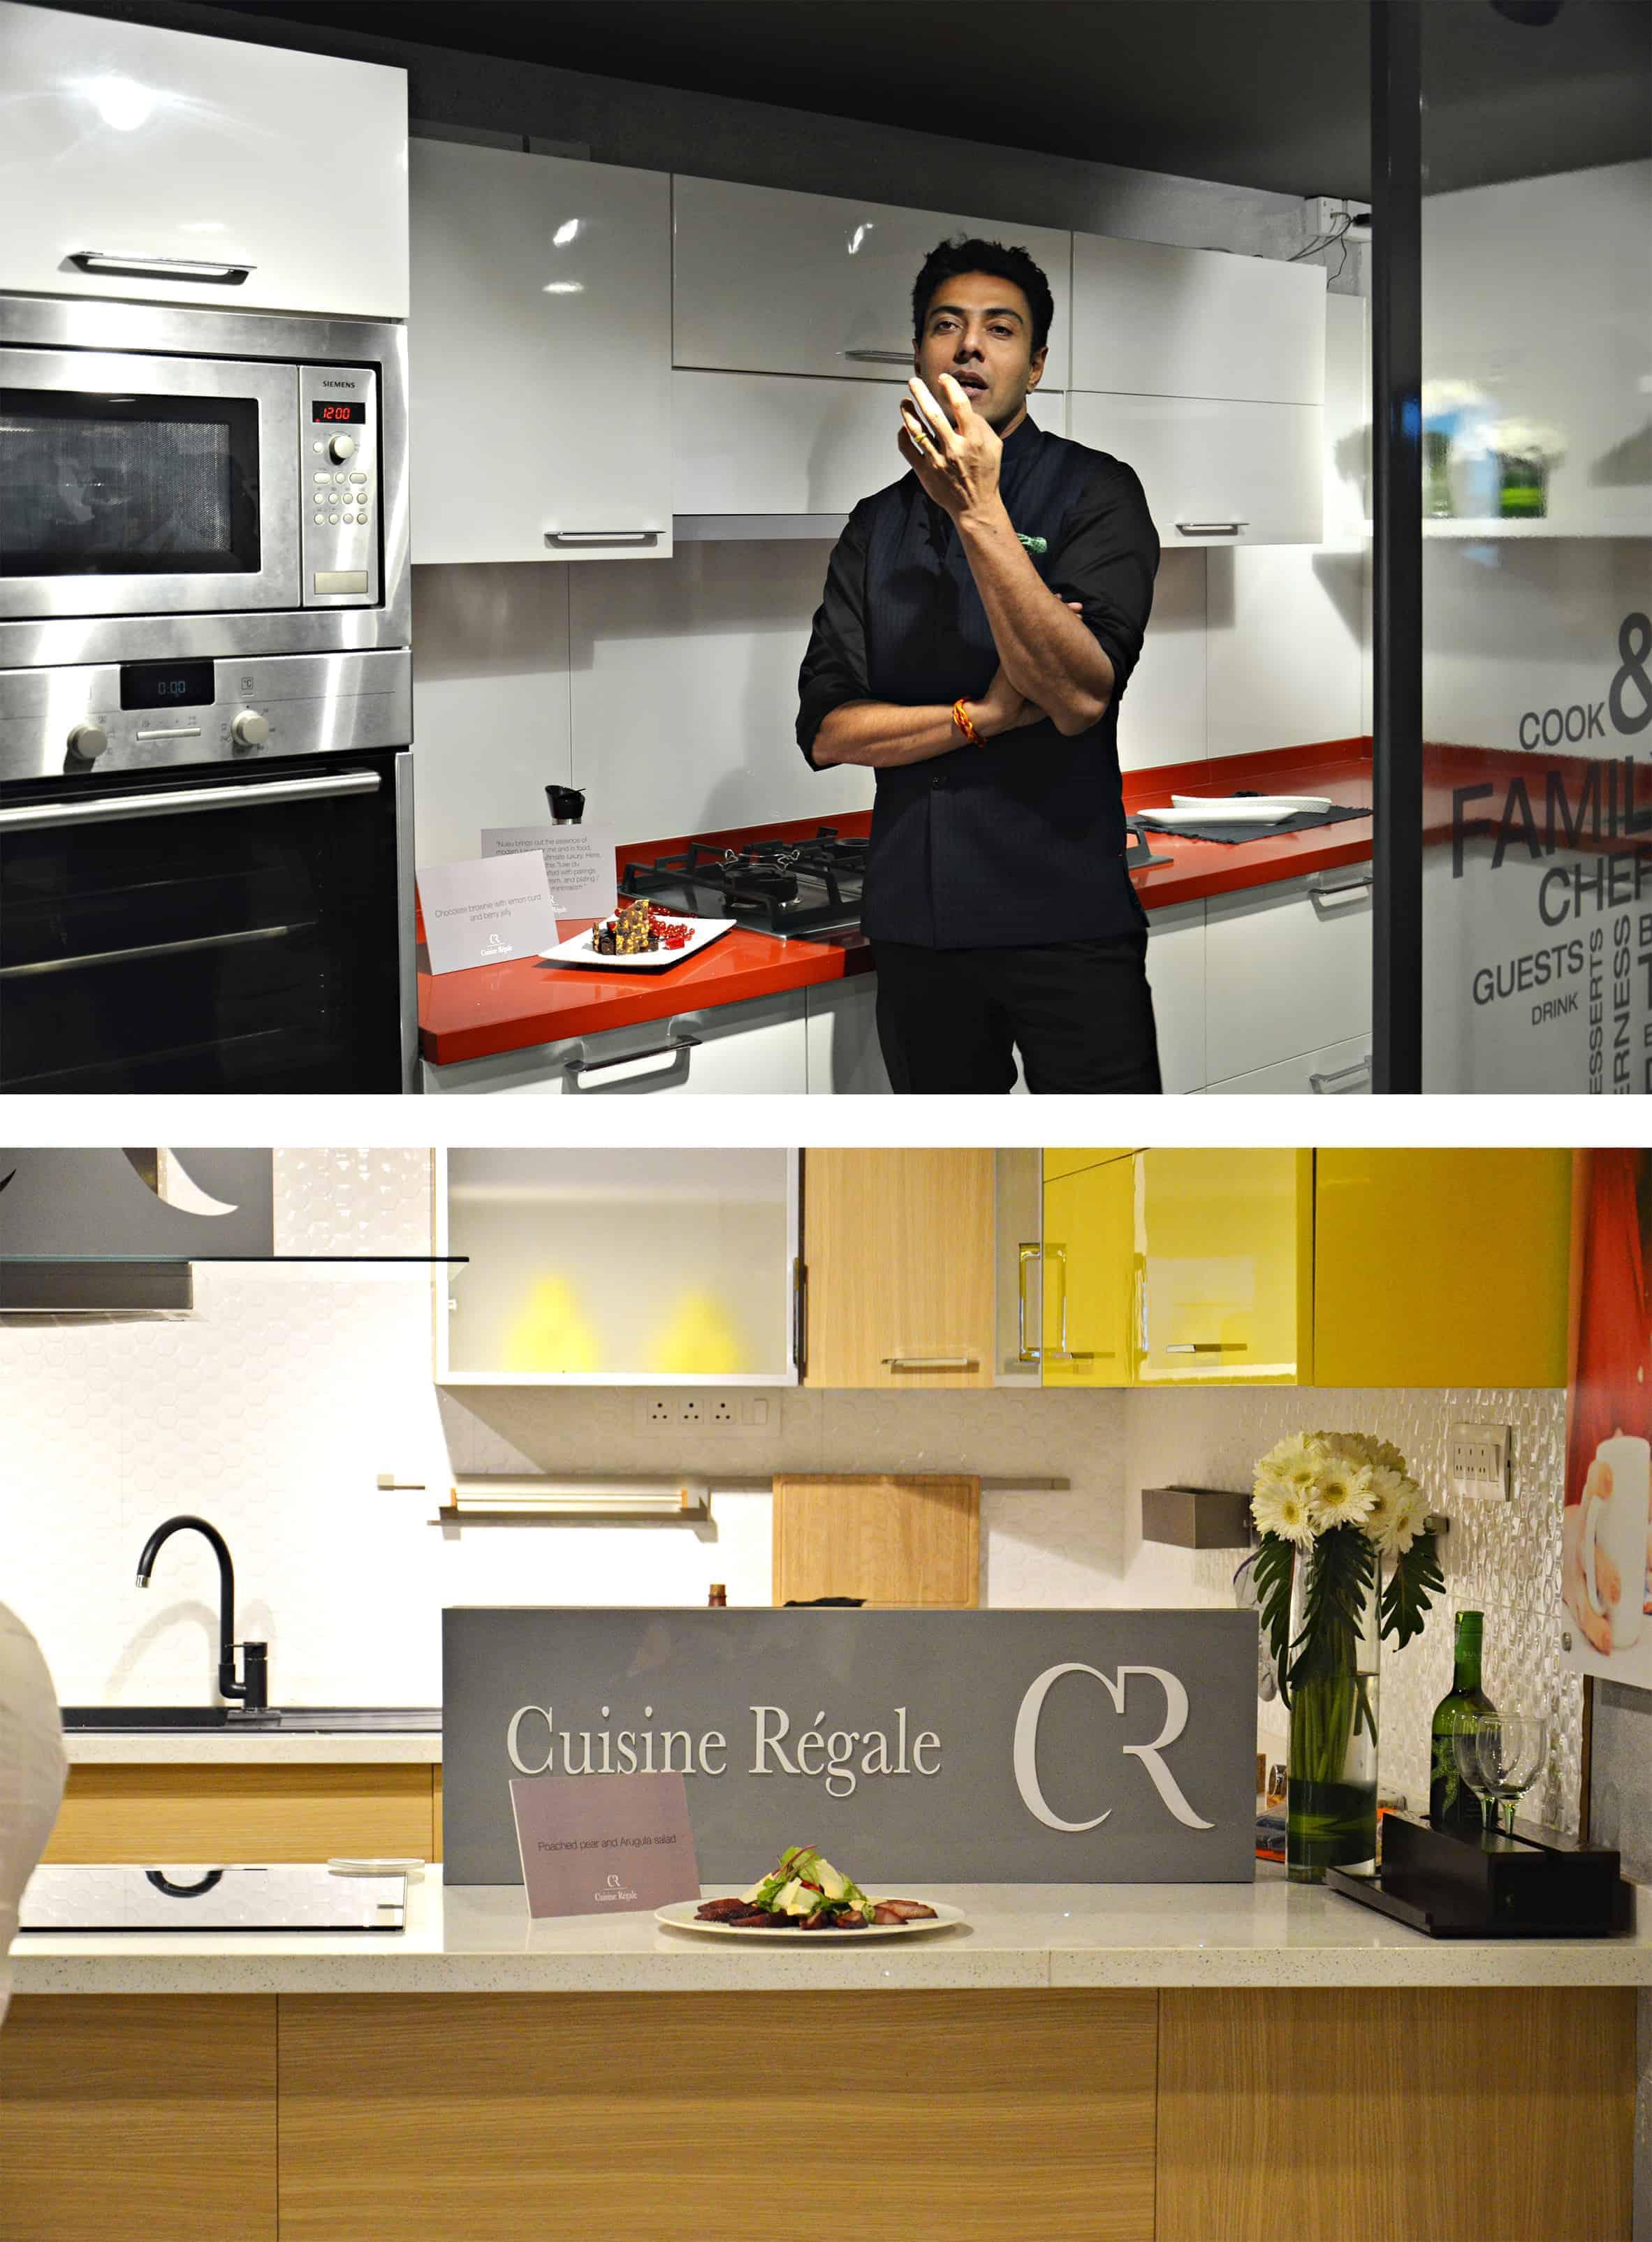 cuisine_regale_collage2